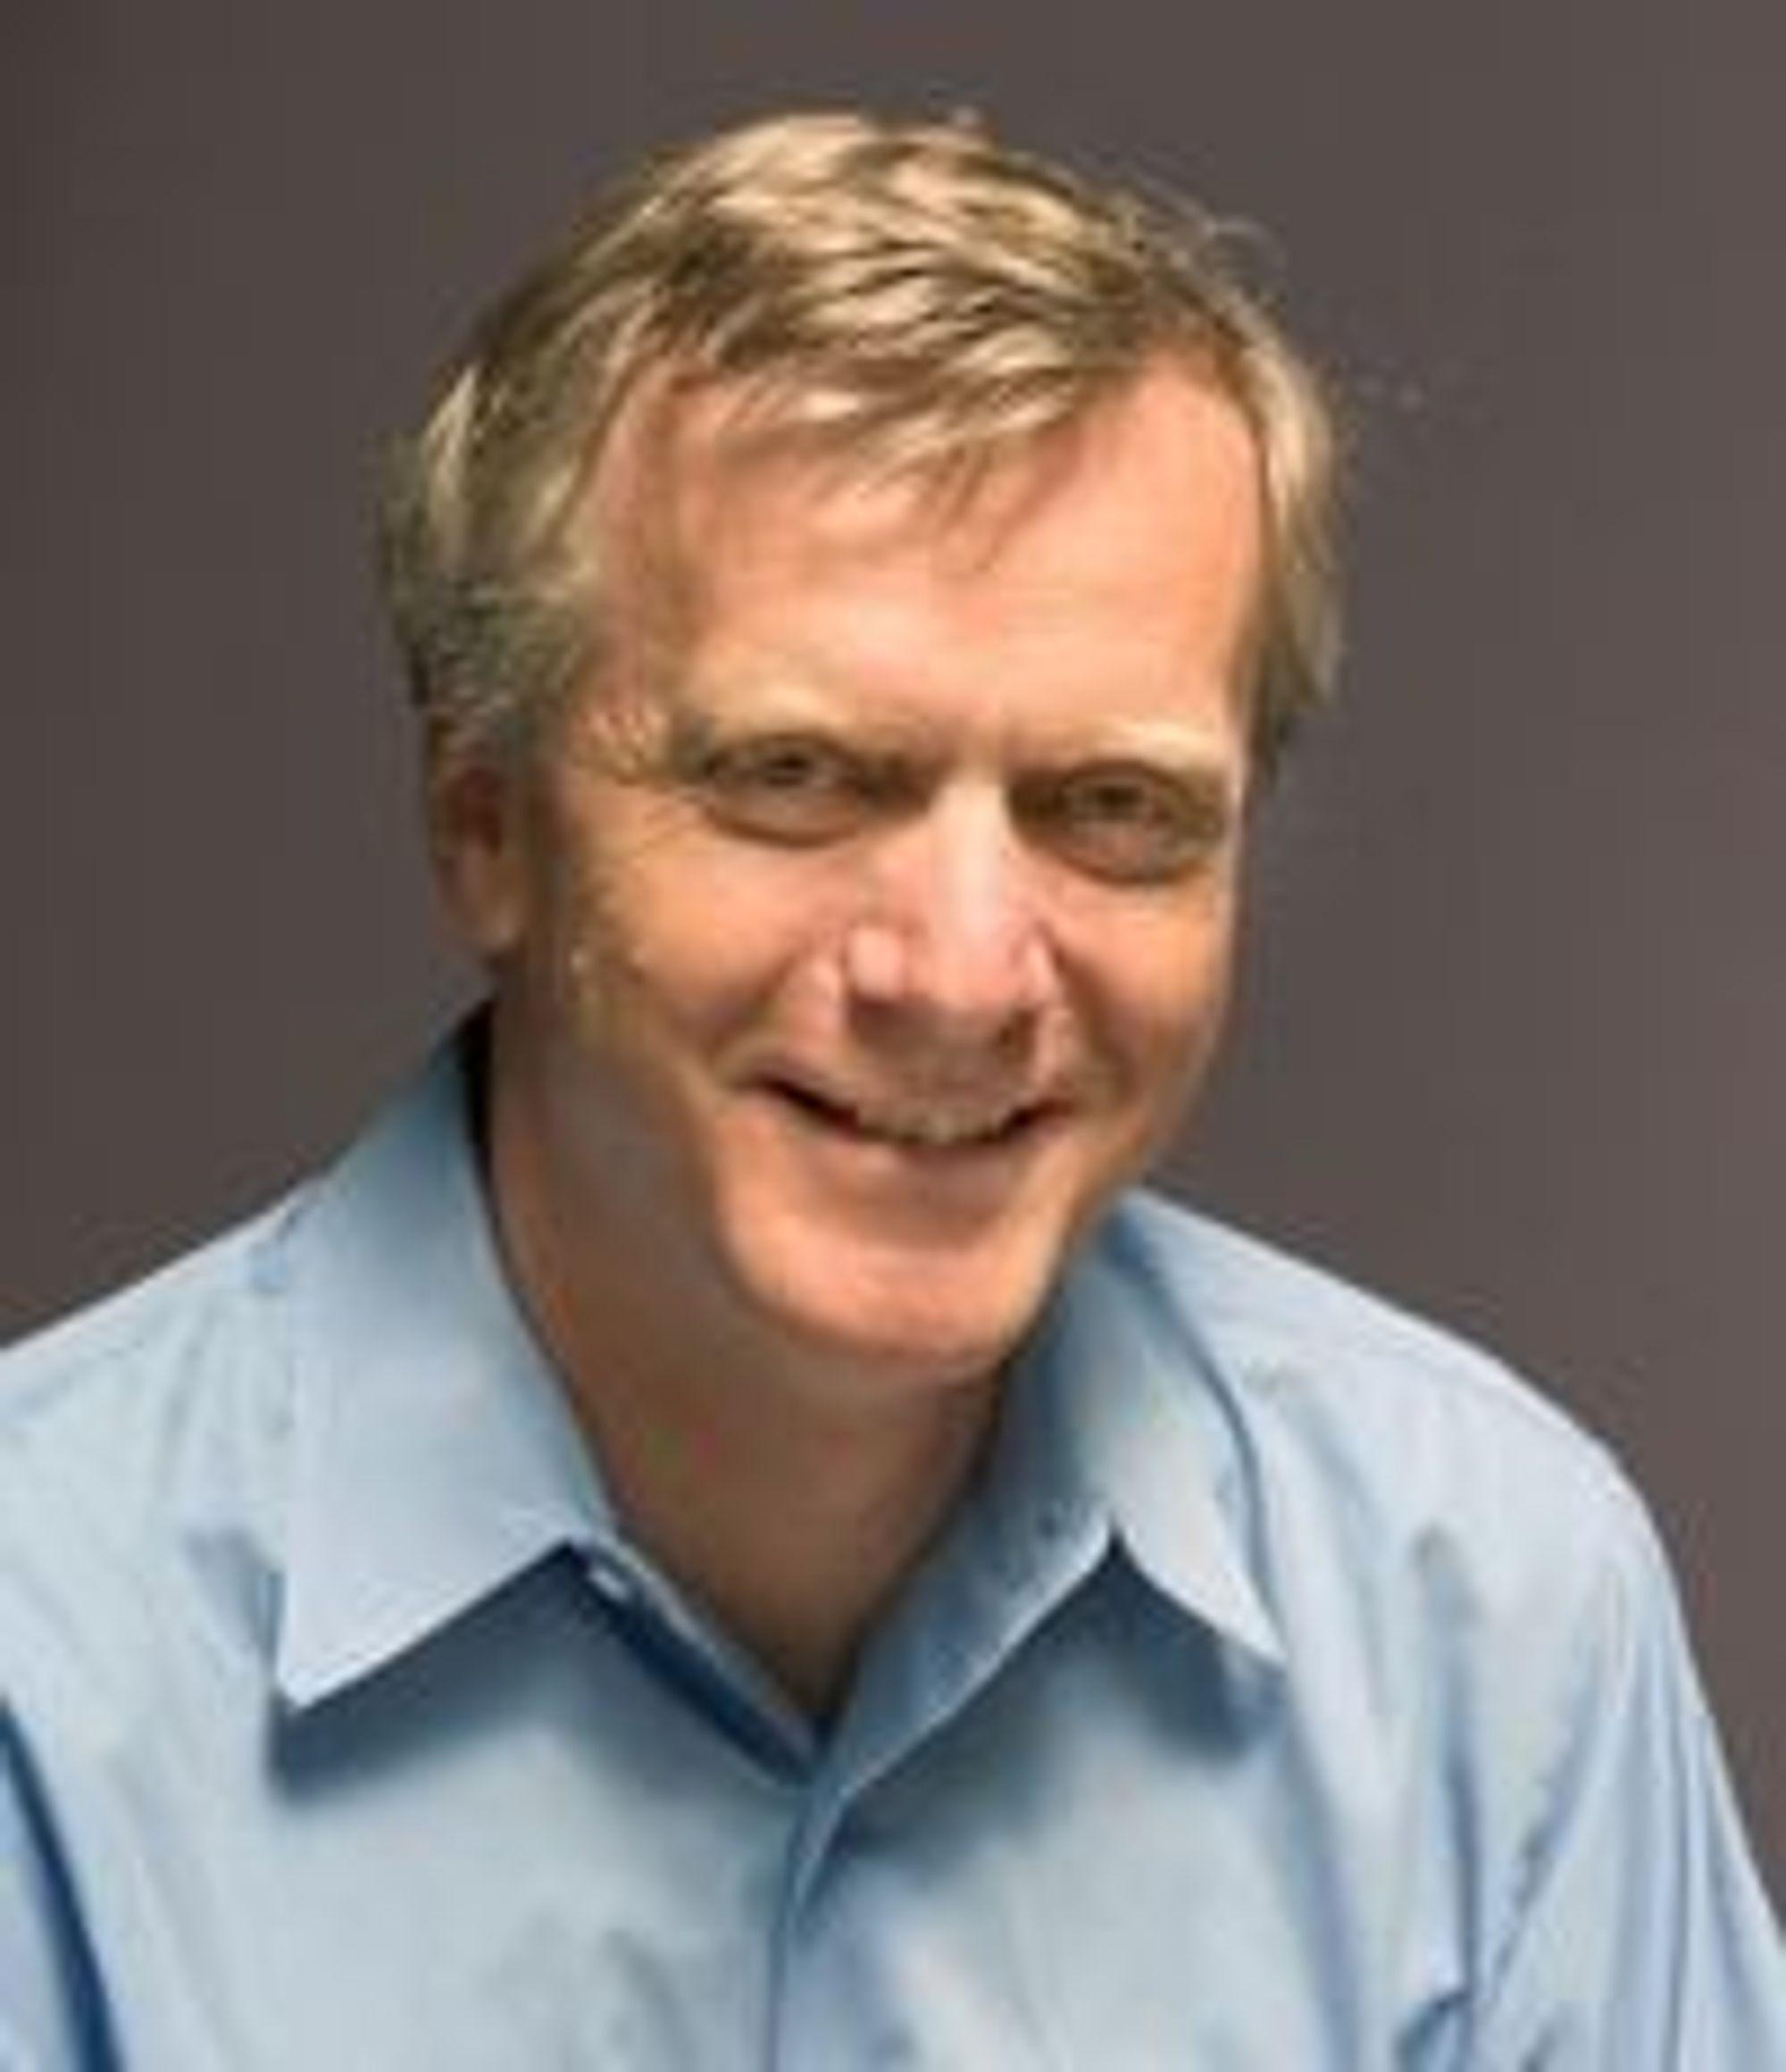 IT-gründer og investor Andy Bechtolsheim.